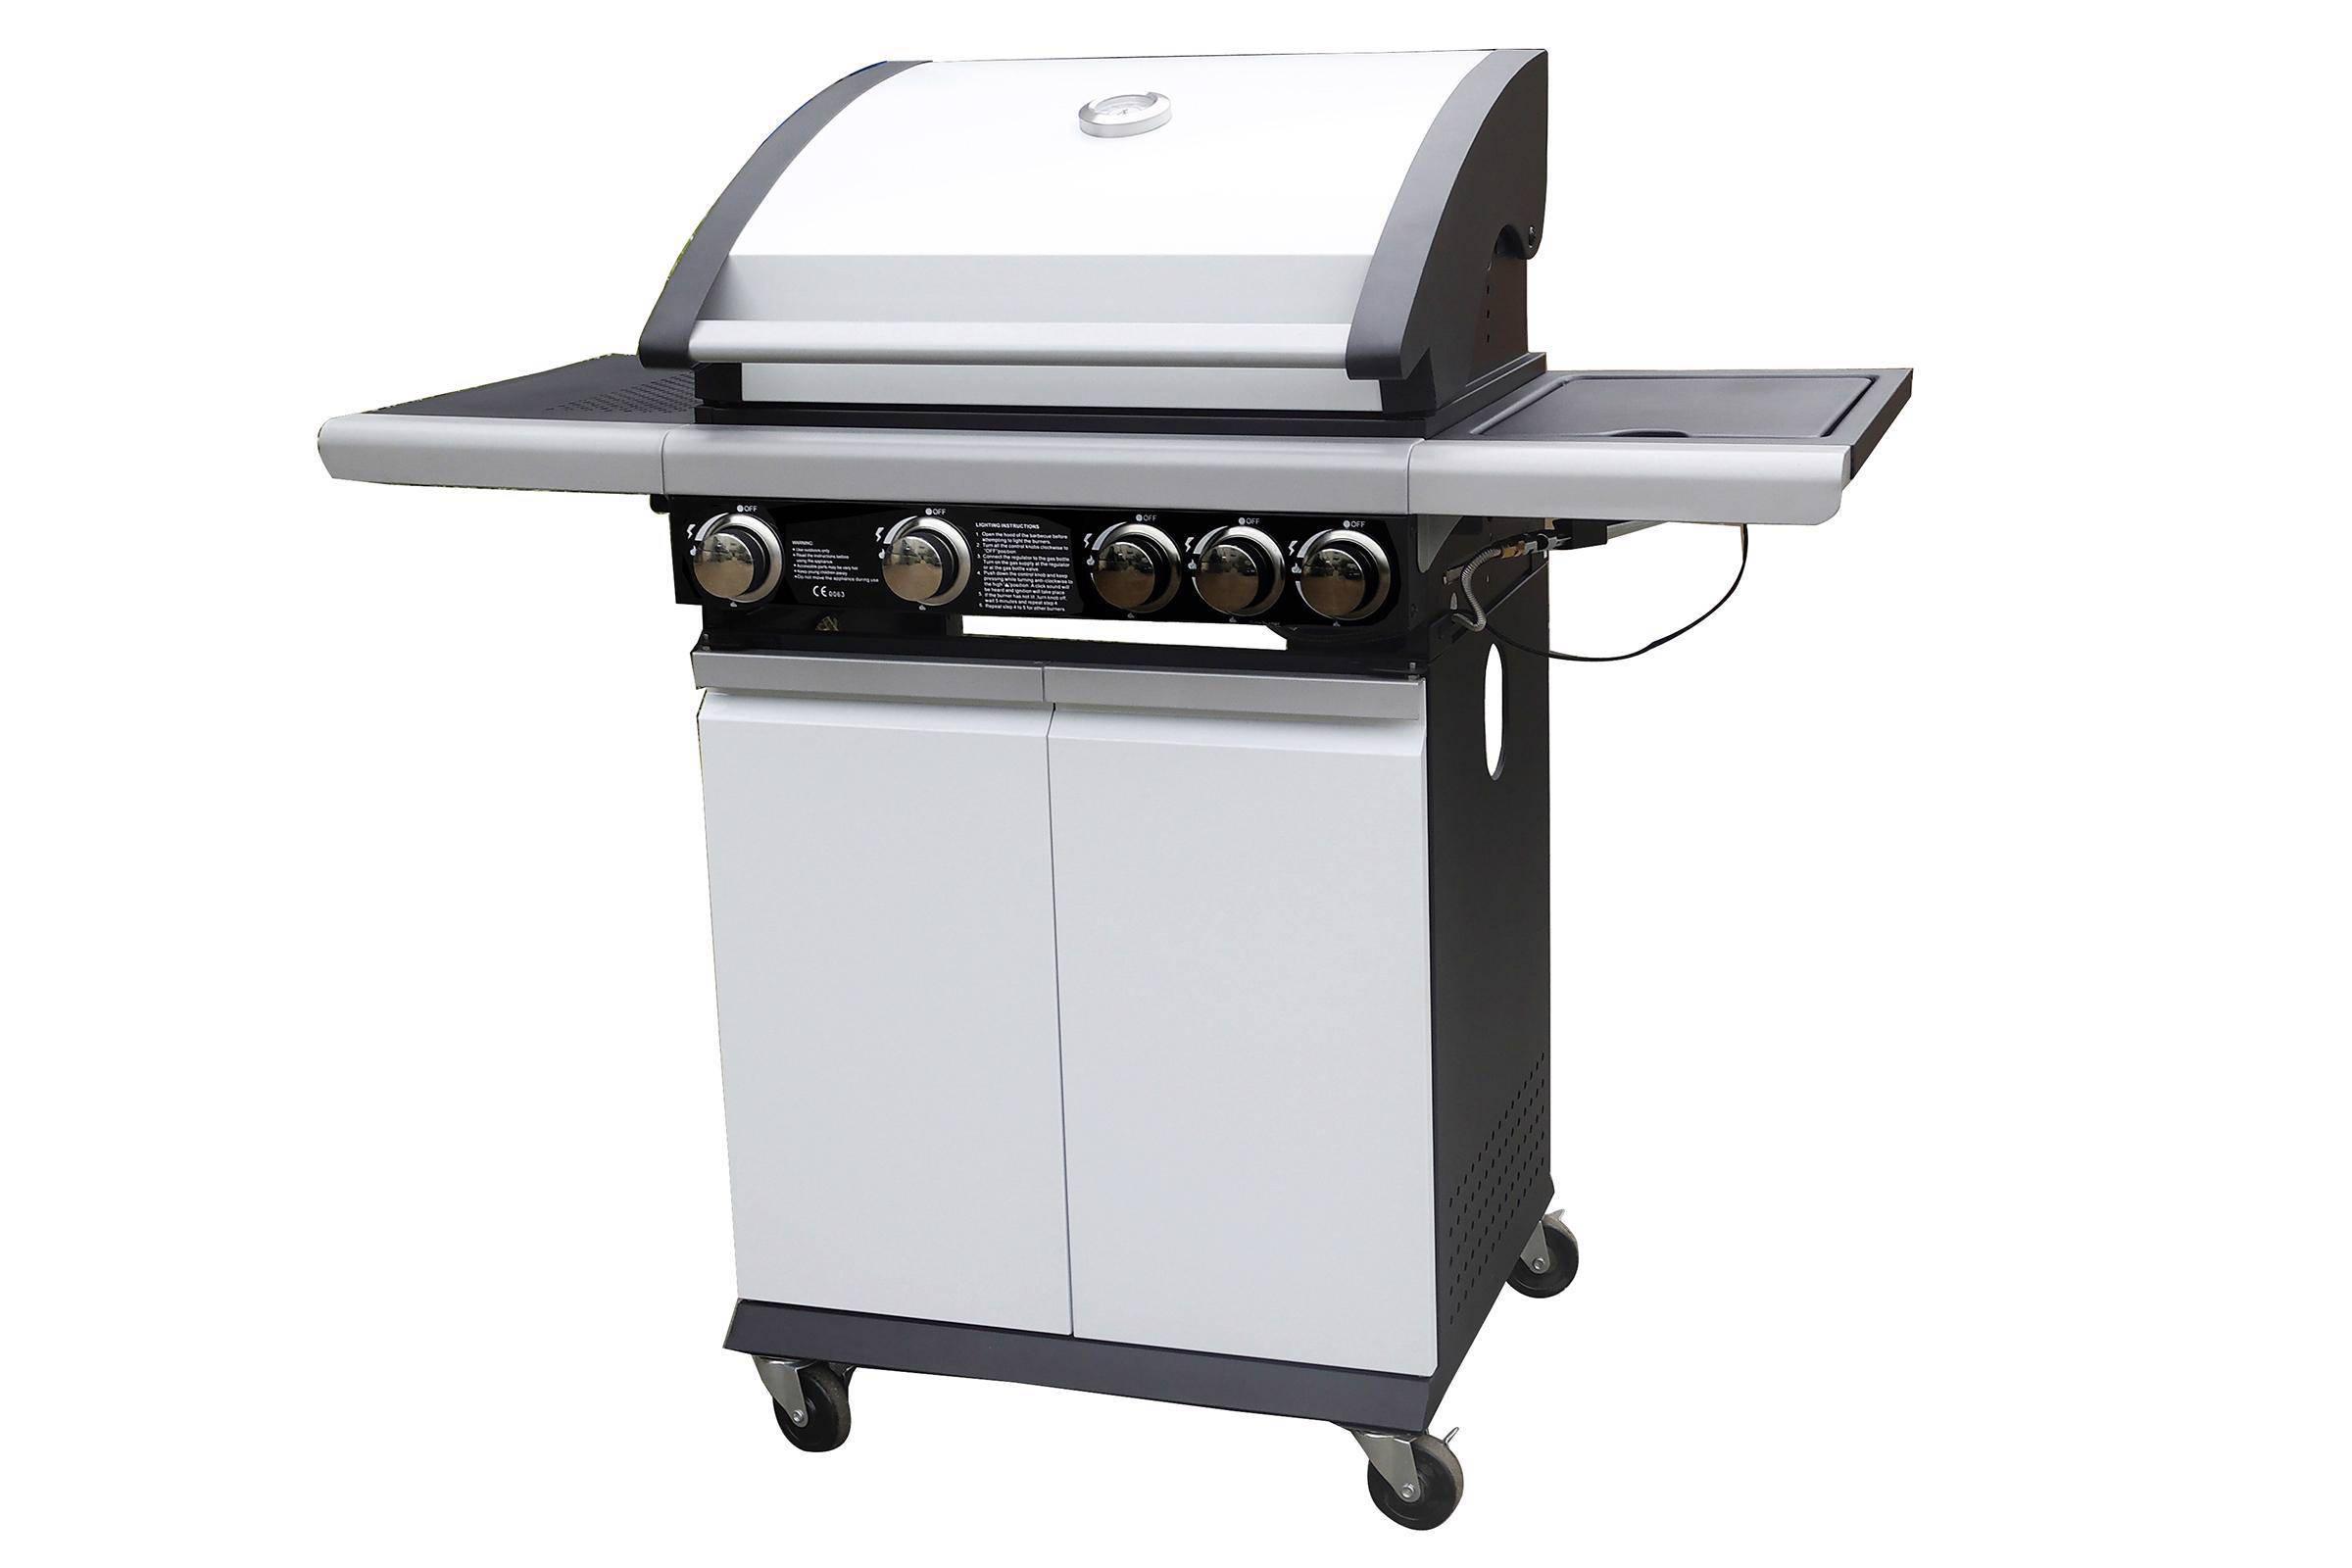 Patton Patio Chef 4+ gasbarbecue